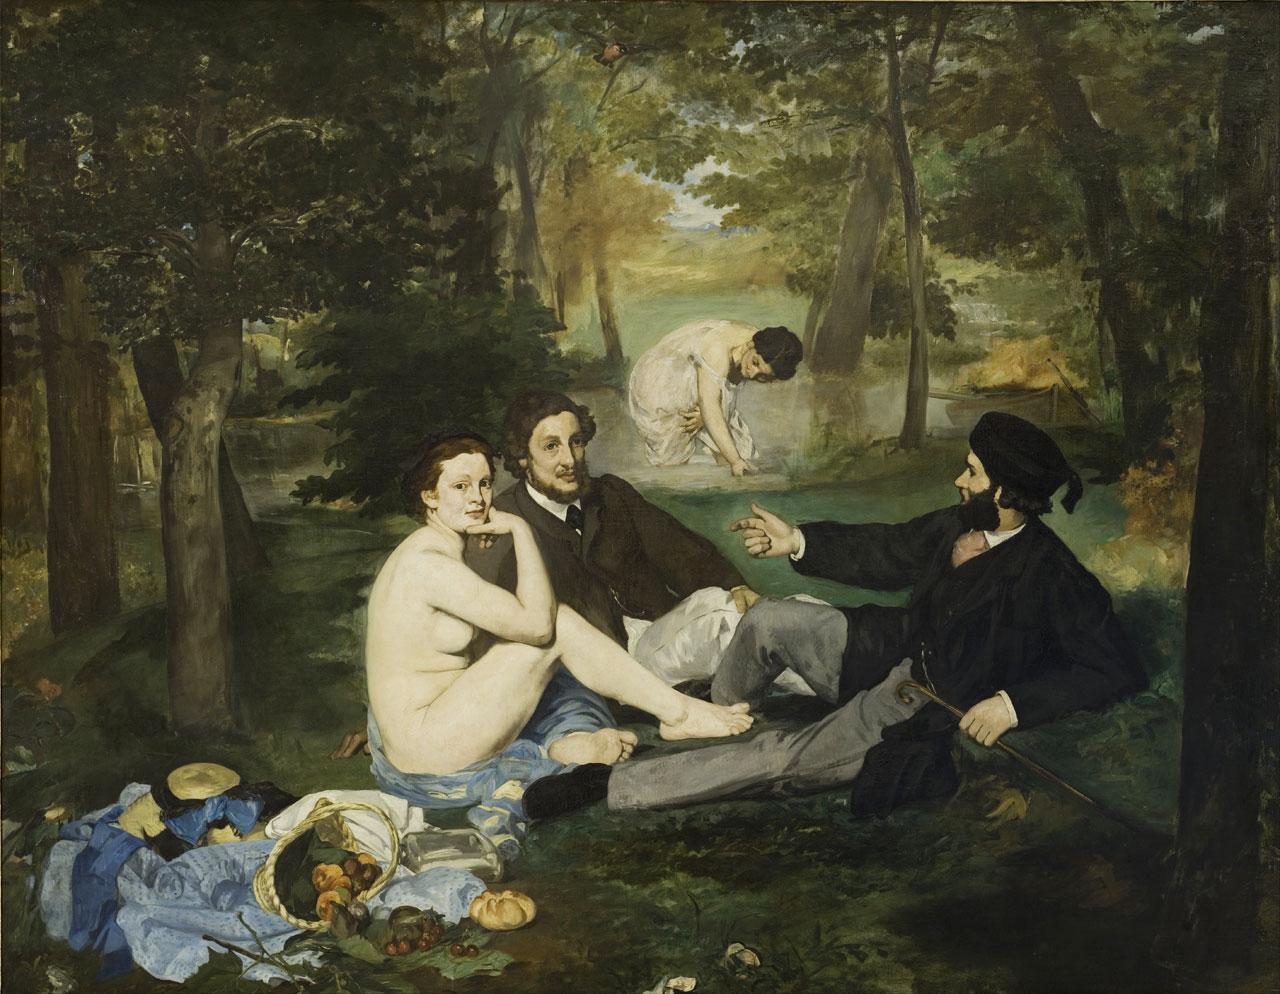 Edouard Manet, Le Dejeuner su l'Herbe